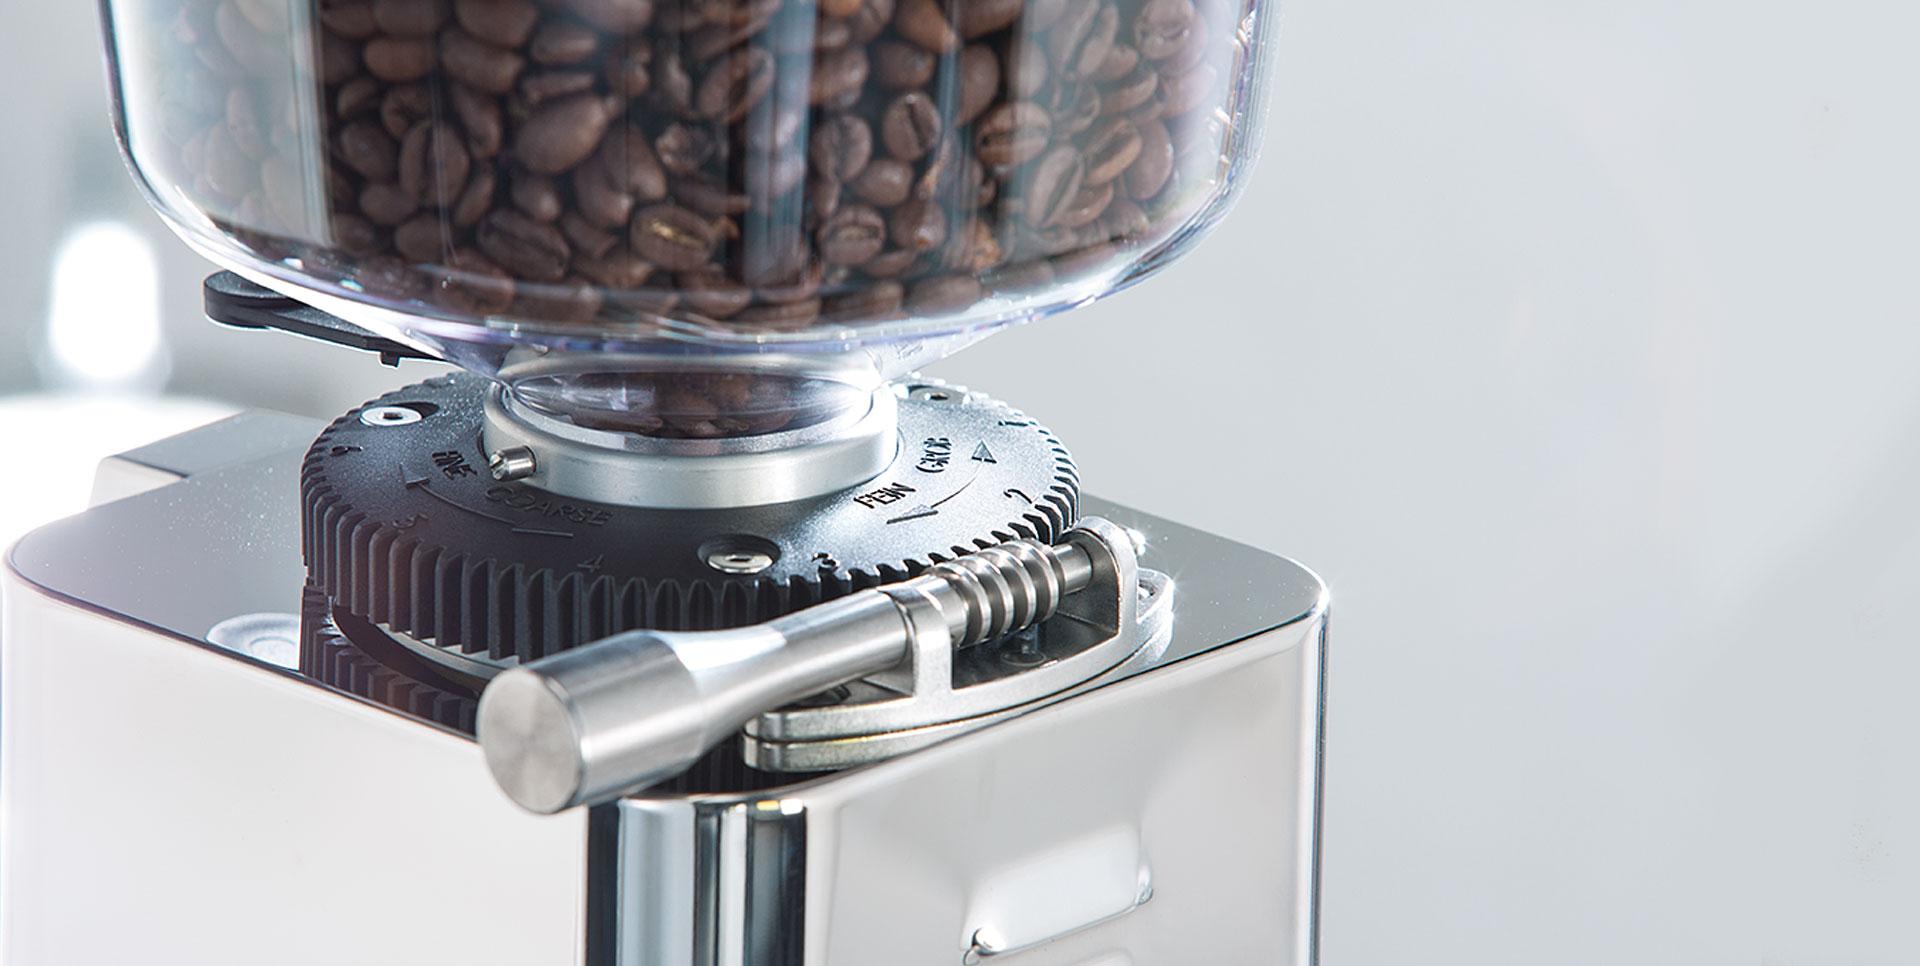 Professionelle espressomaschine siebträger : Gaggia ri siebträger espressomaschine kaffee profis